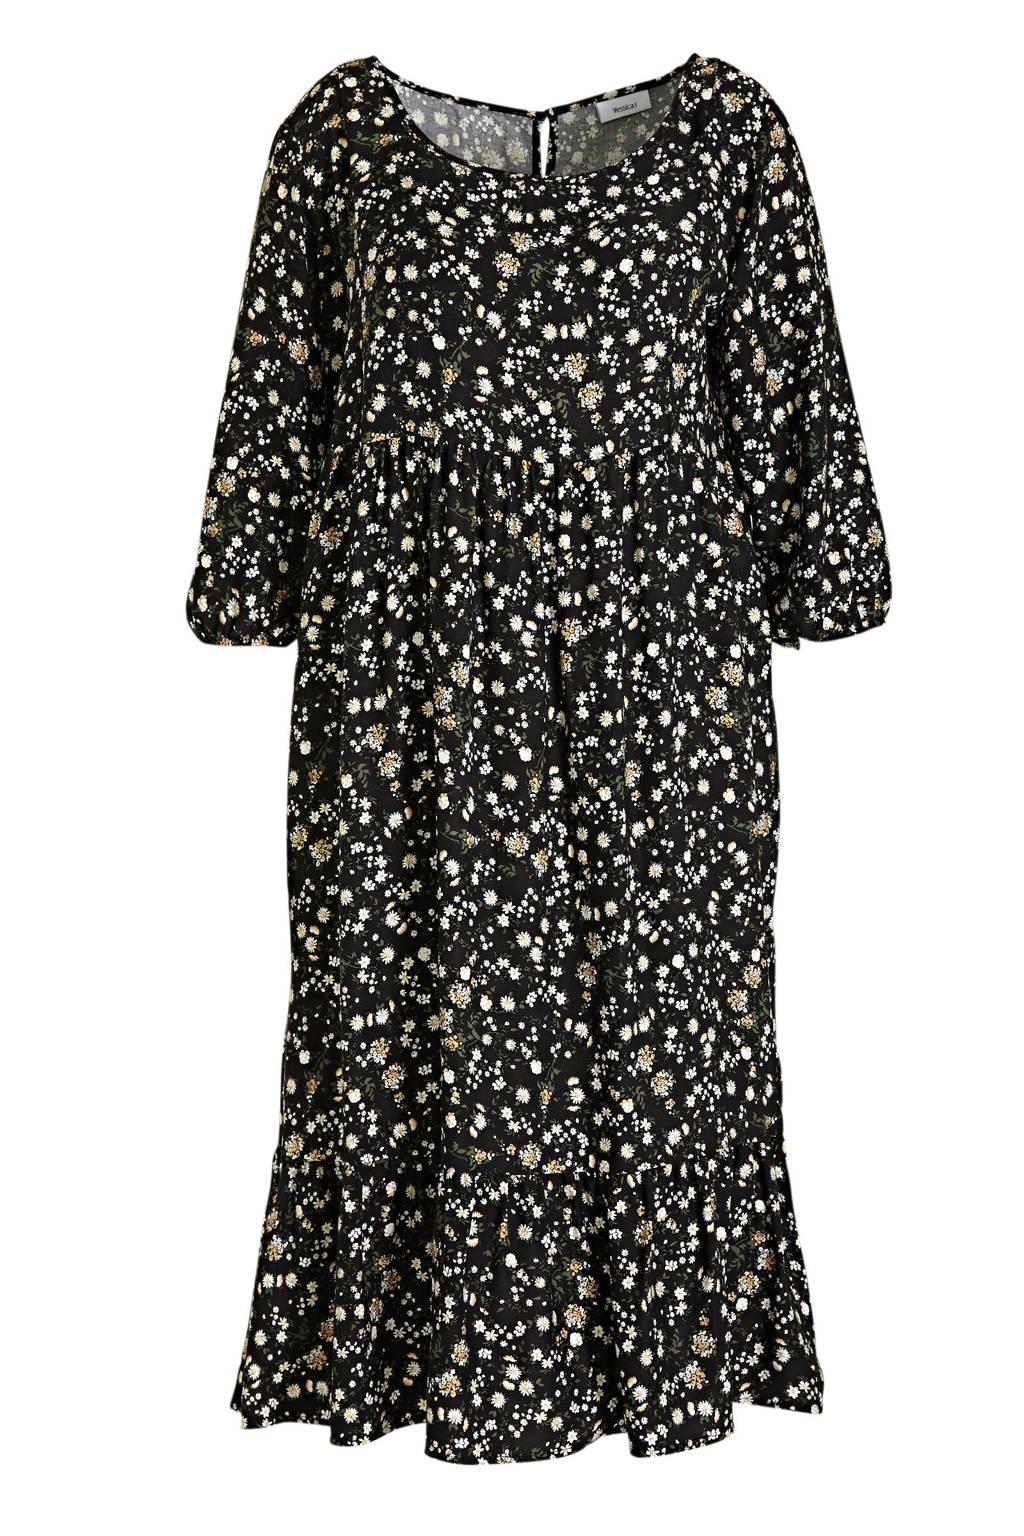 C&A XL Yessica gebloemde maxi jurk zwart/lichtgeel/groen, Zwart/lichtgeel/groen